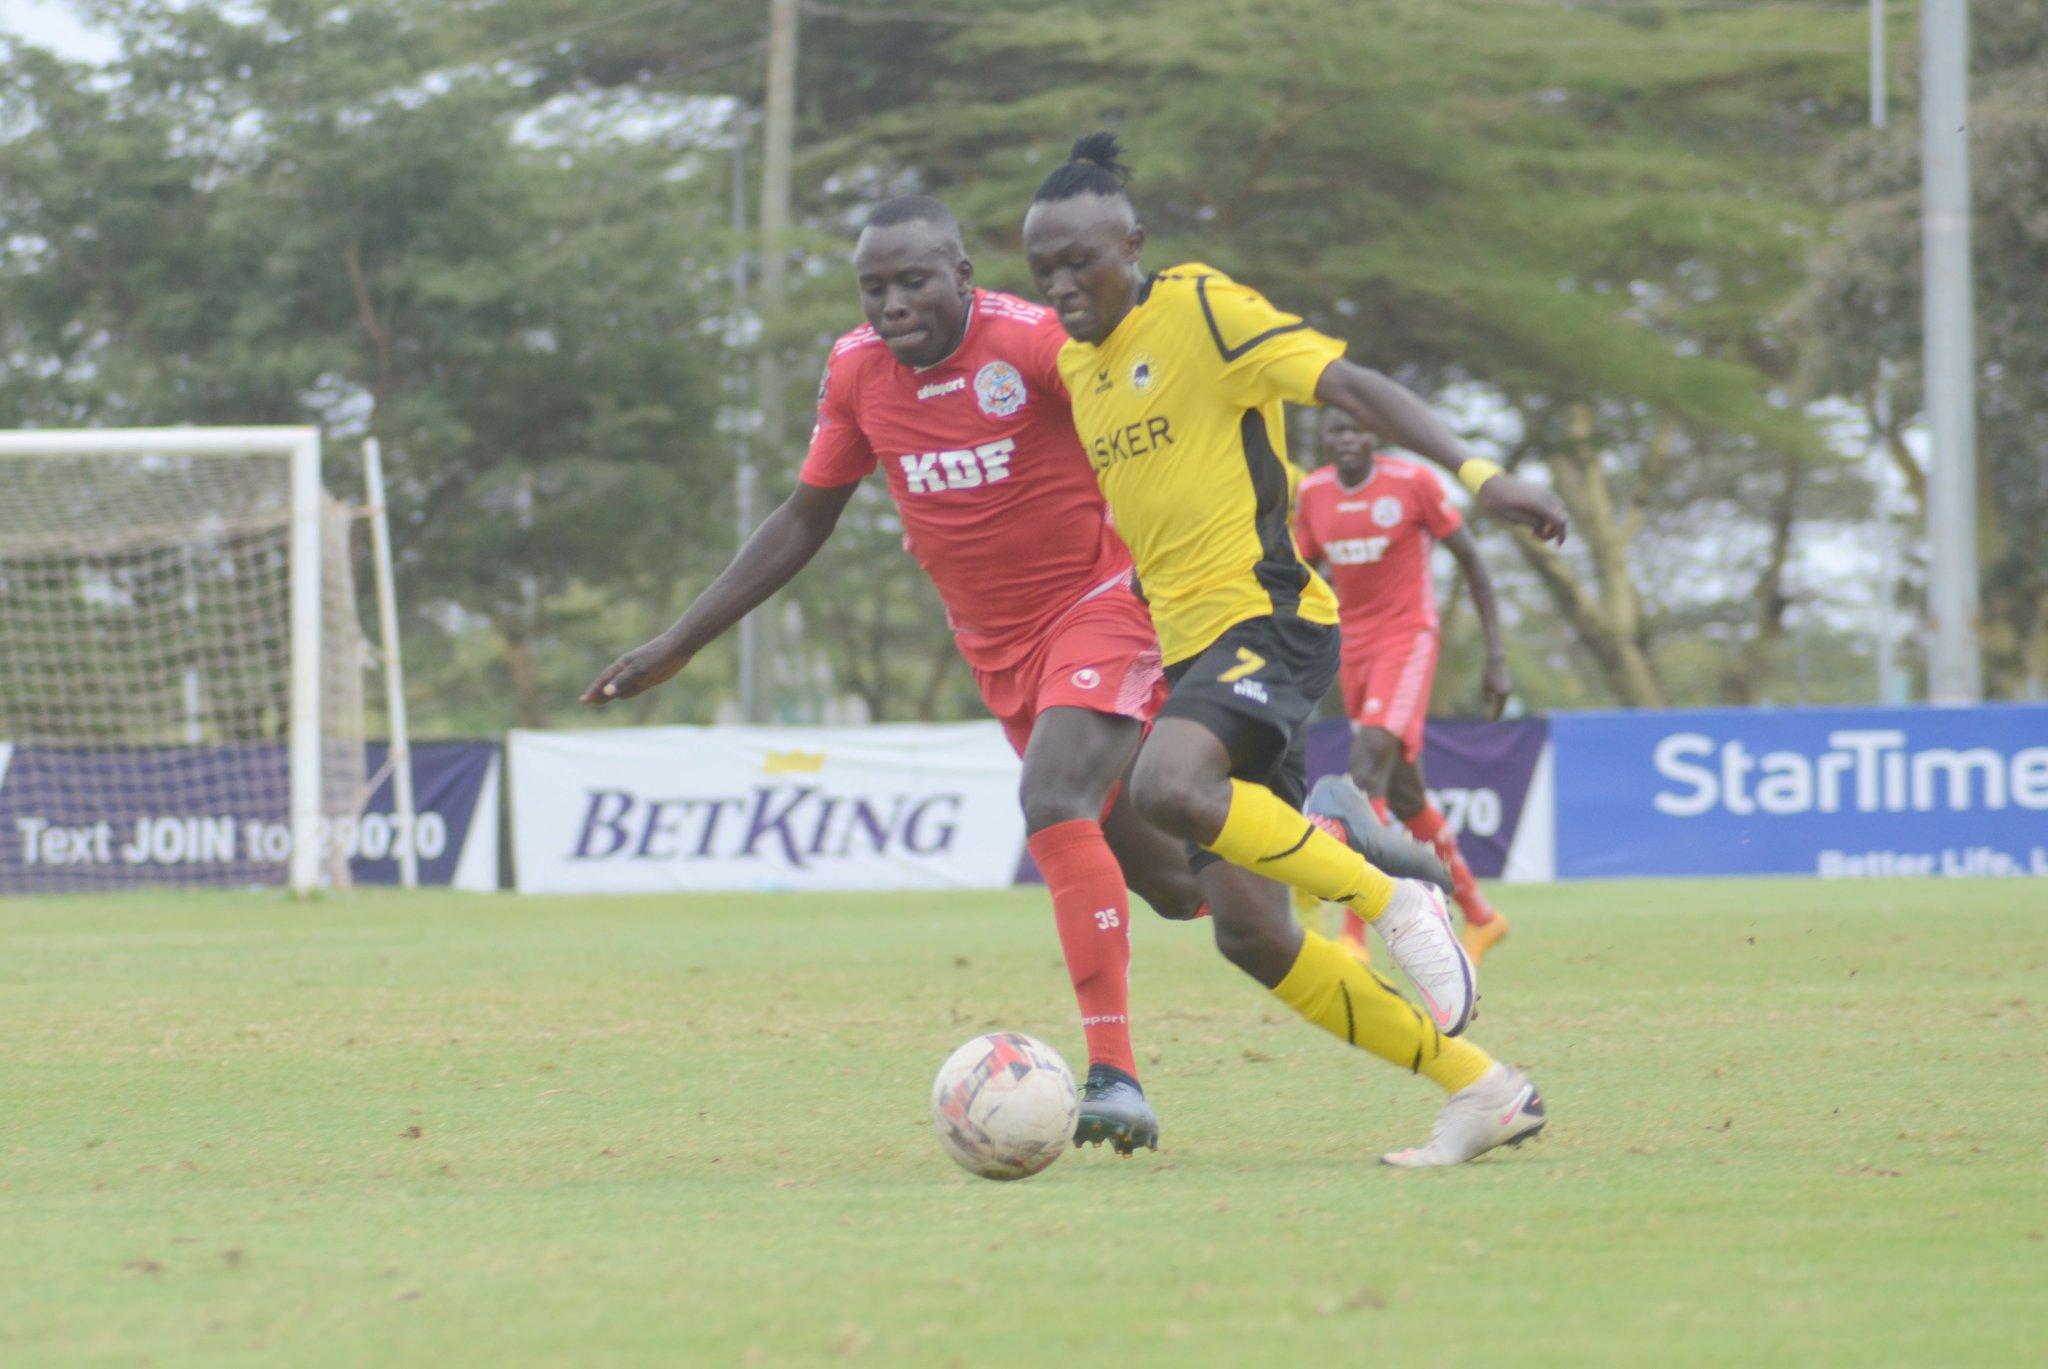 FKFPL Friday Wrap: Muchiri wins for Tusker as Sharks, Rangers share spoils